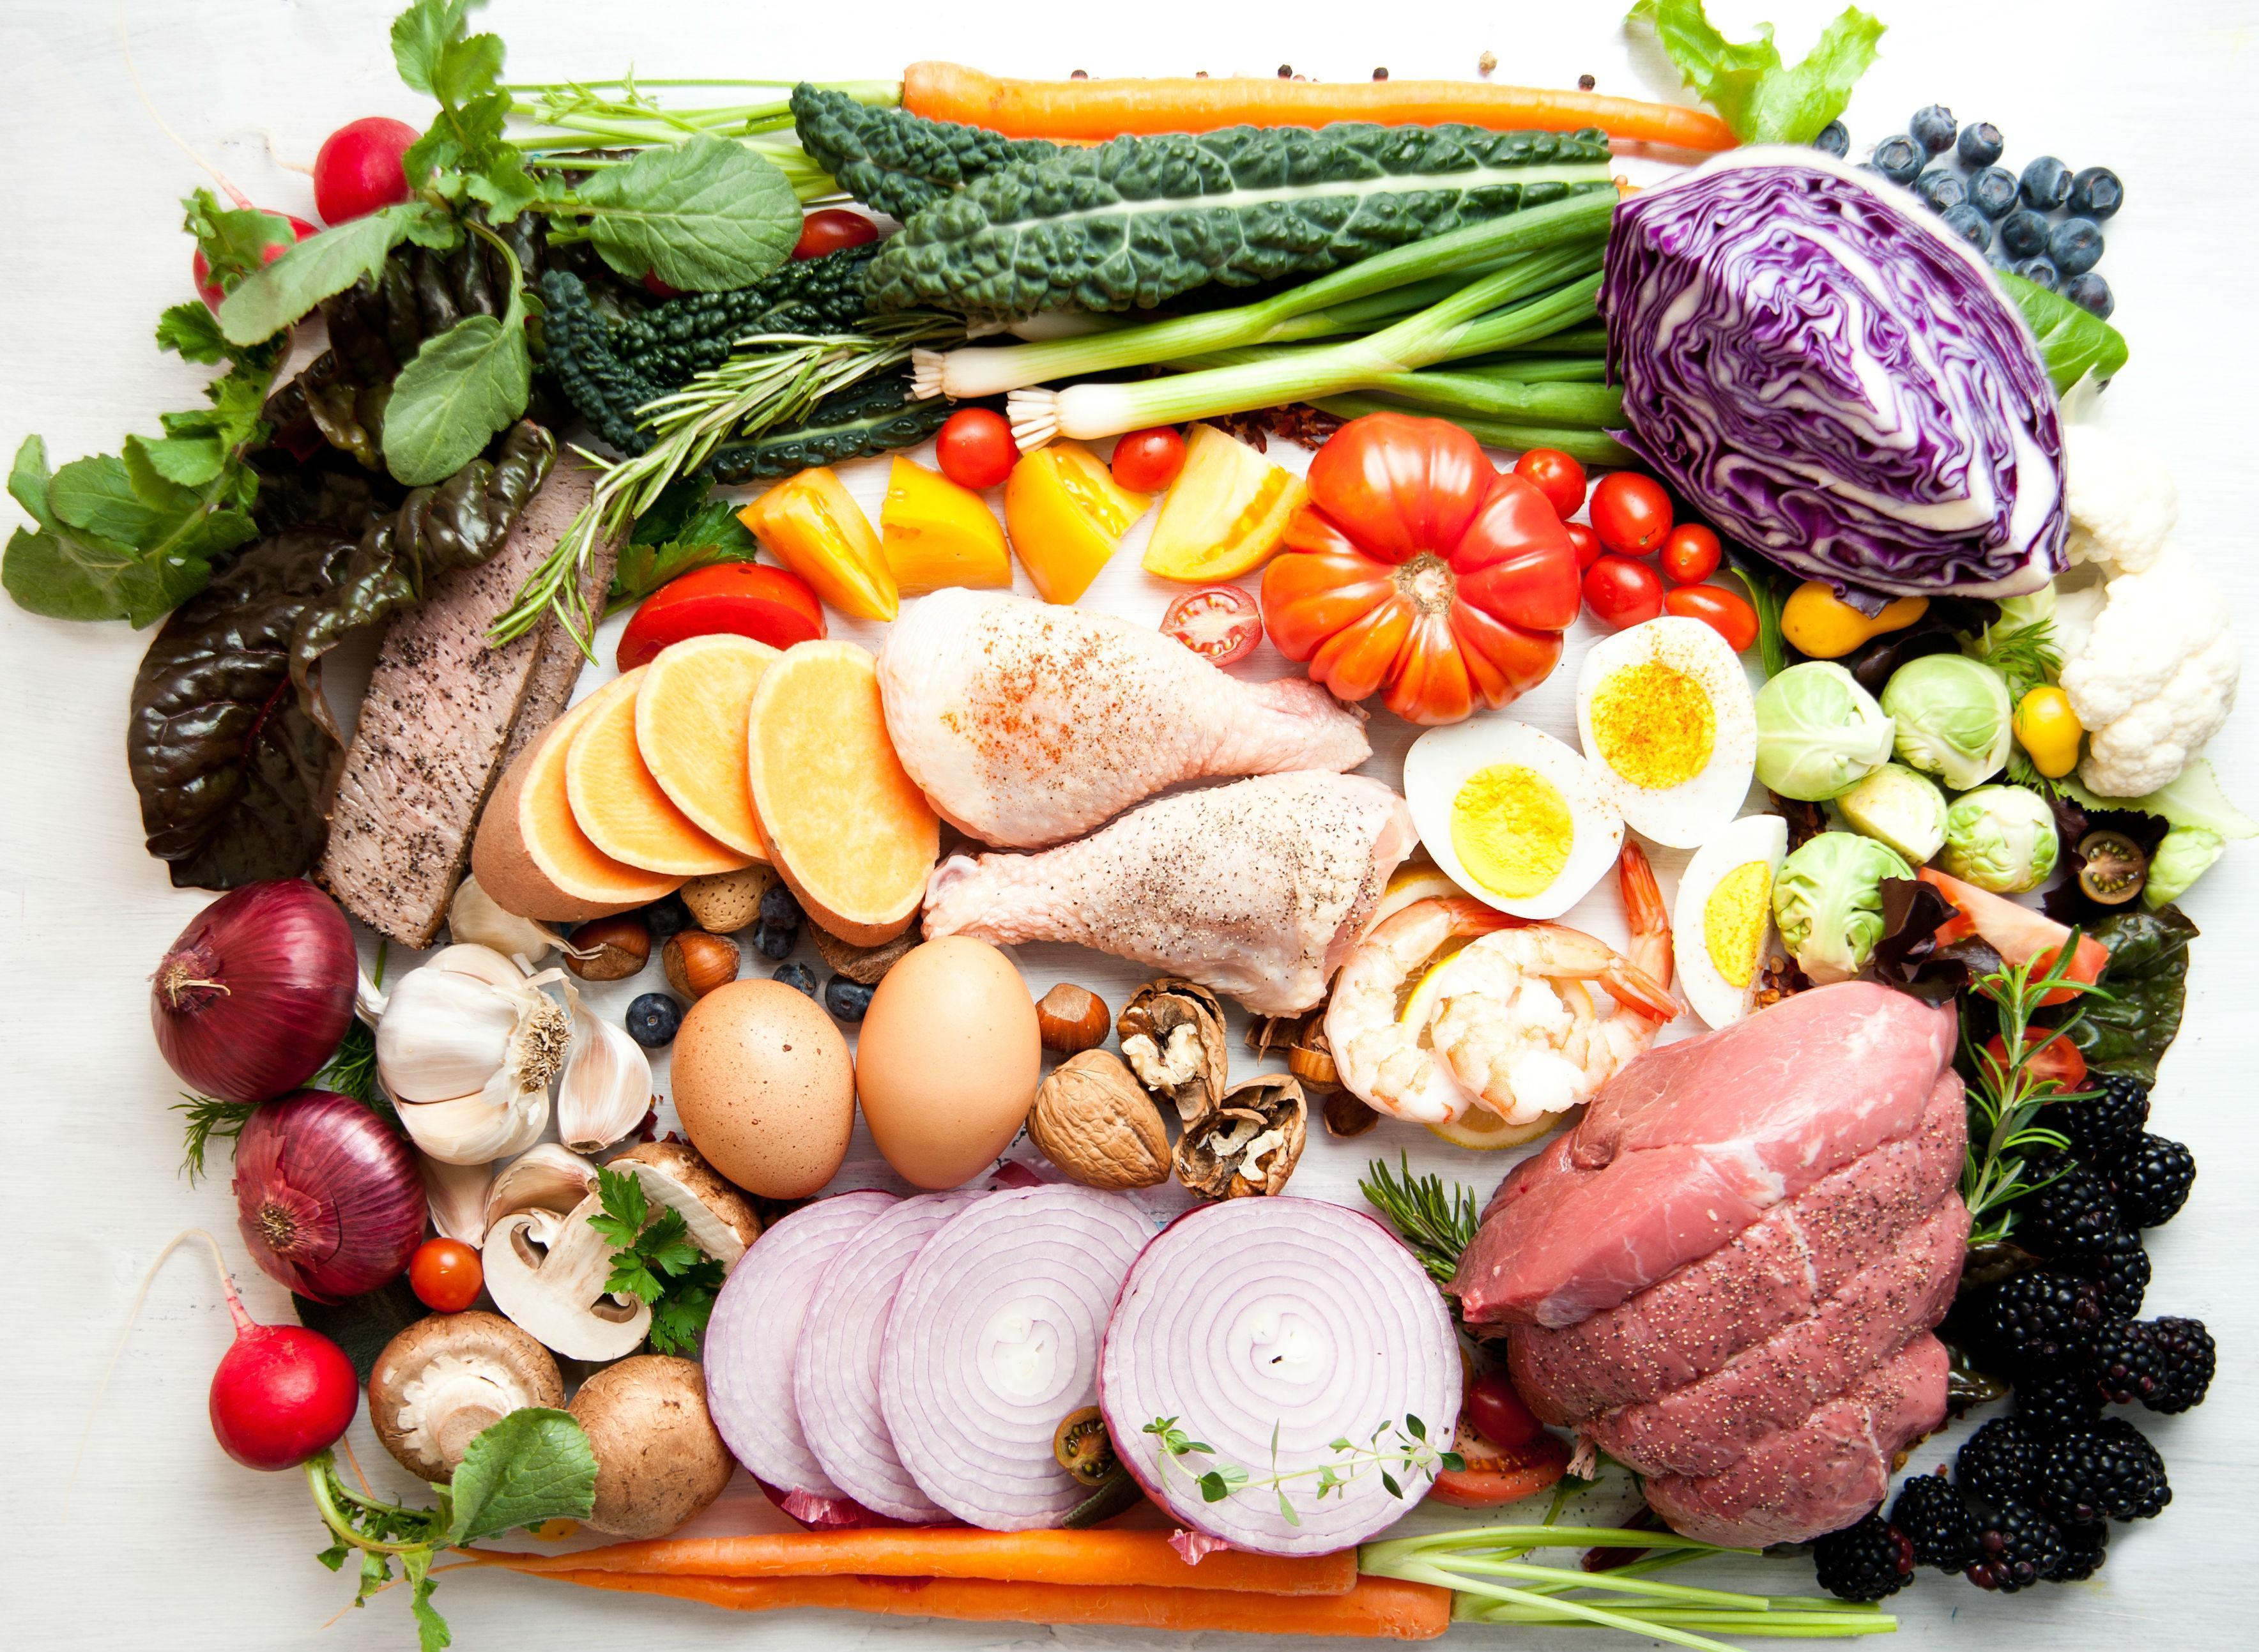 Dieta Paleolítica: Saiba Quais os Alimentos Permitidos Nessa Dieta